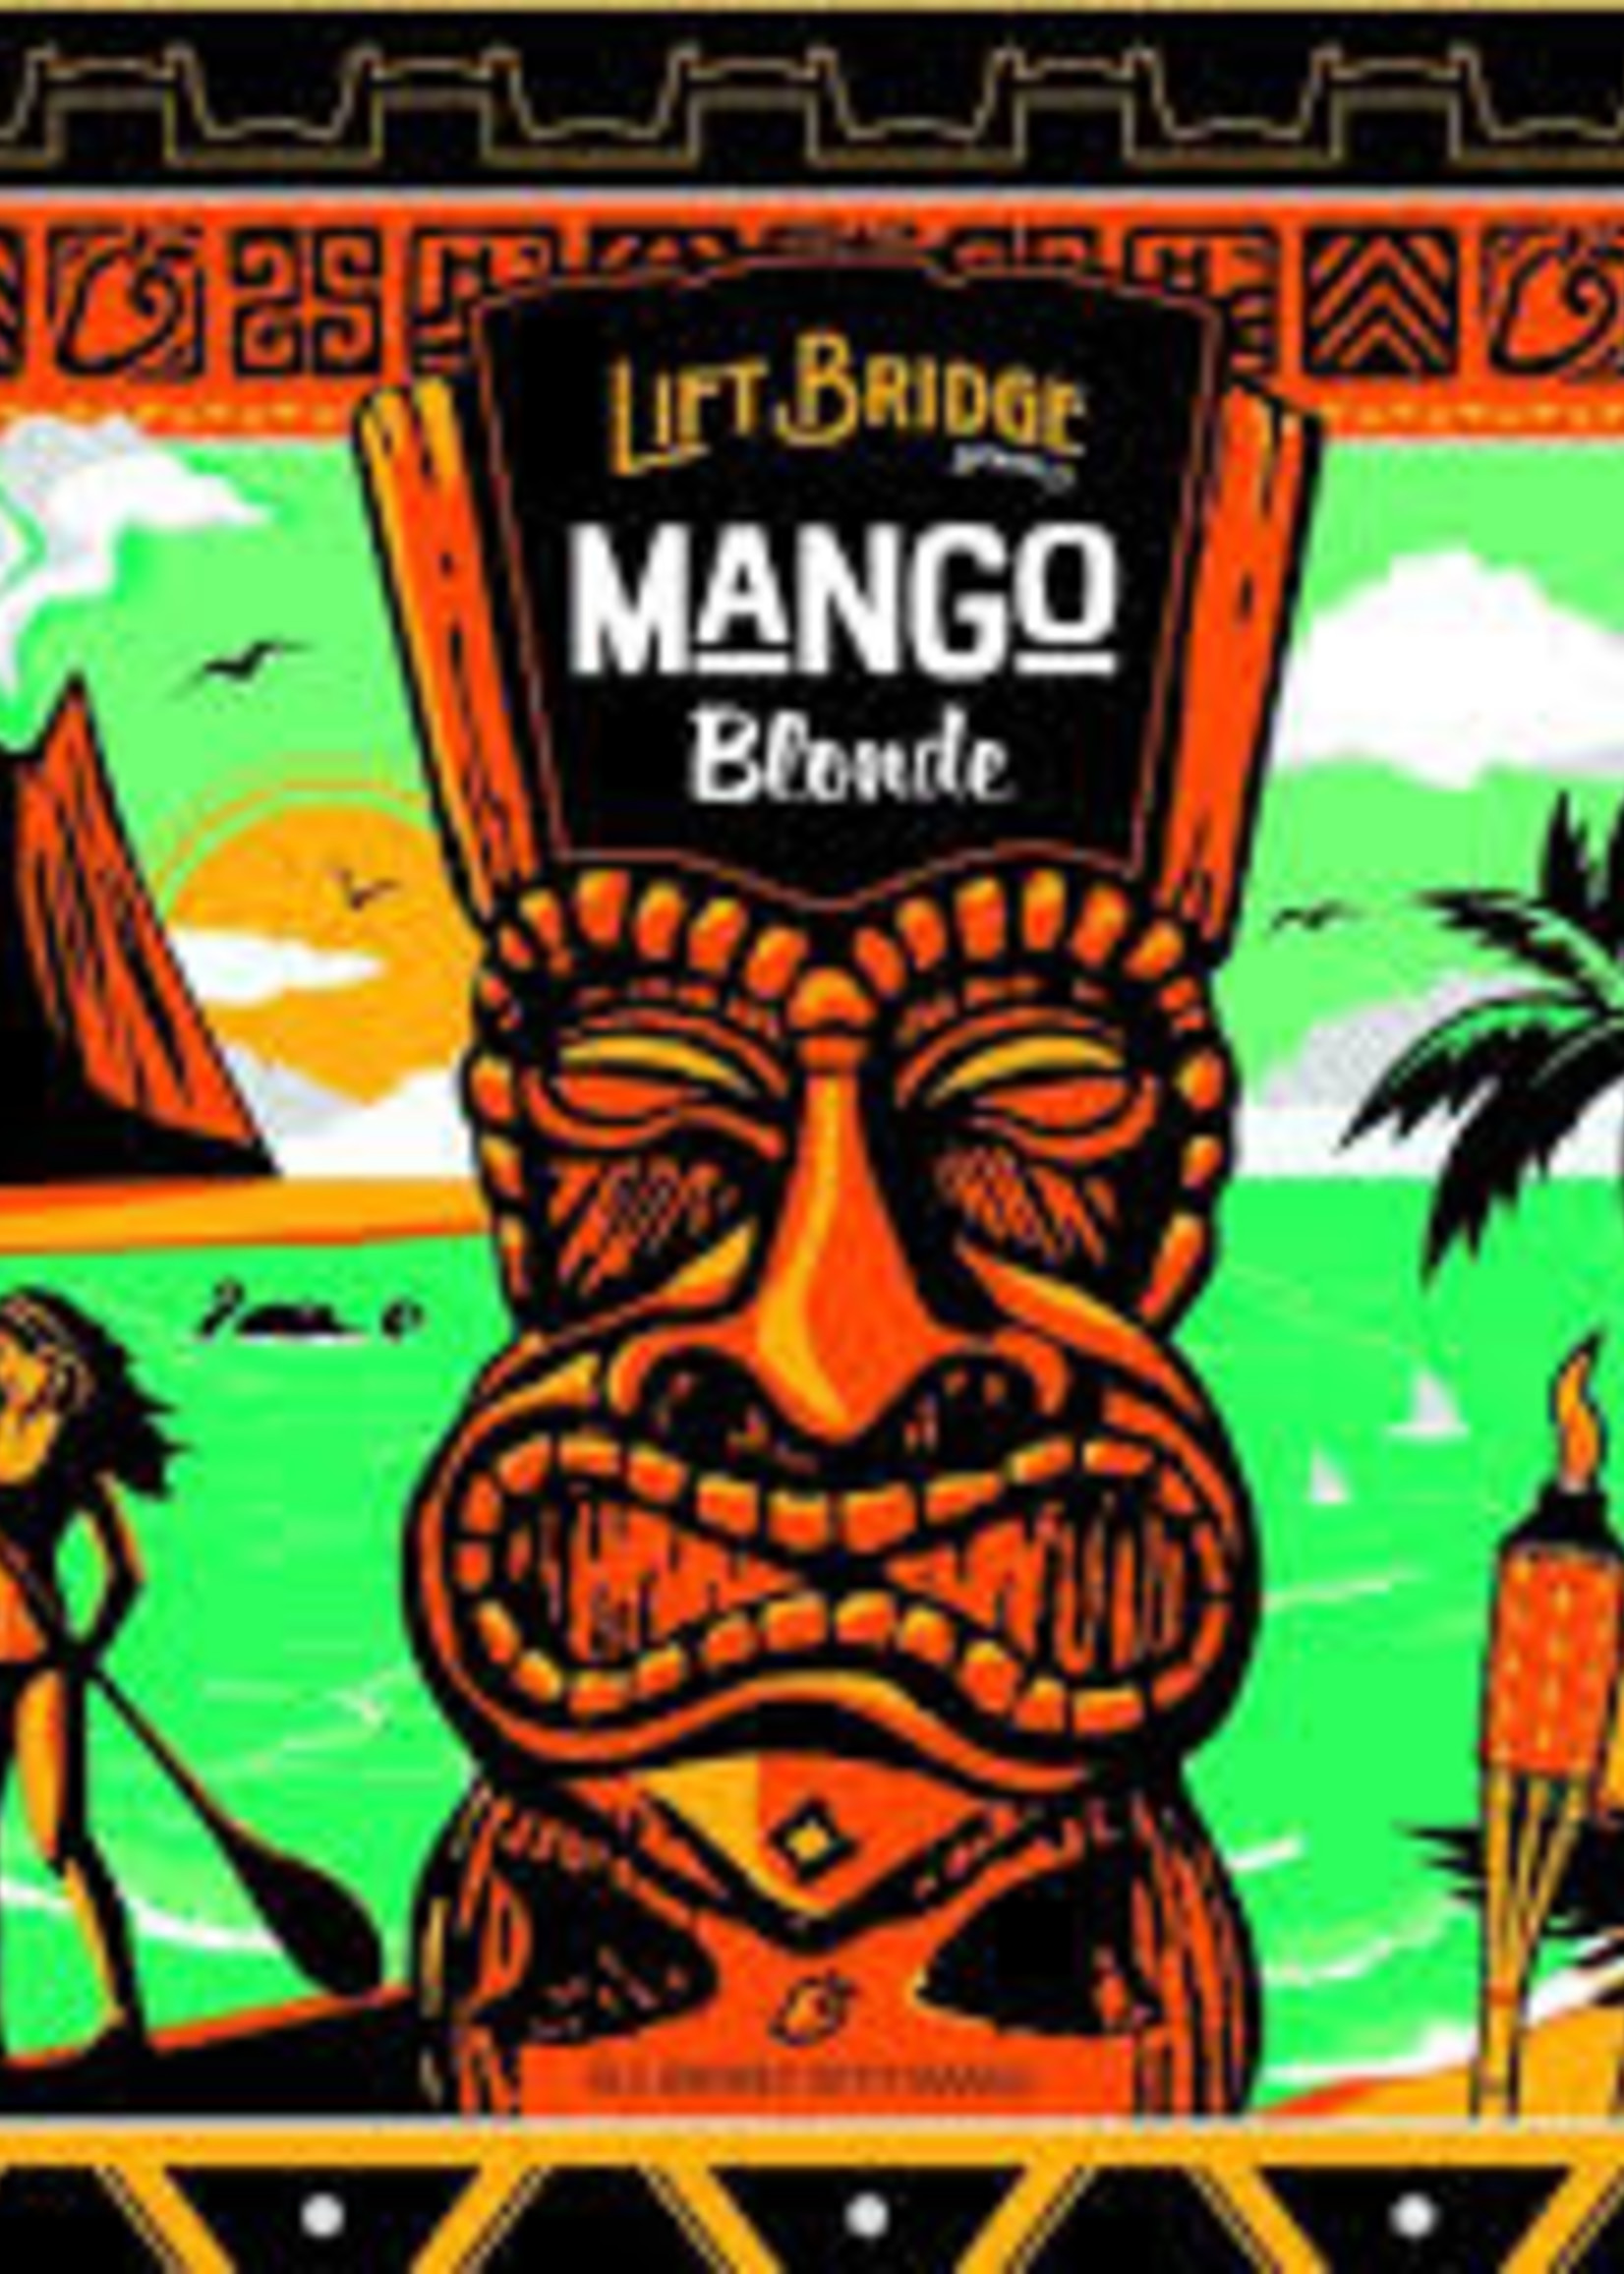 Lift Bridge Mango Blonde